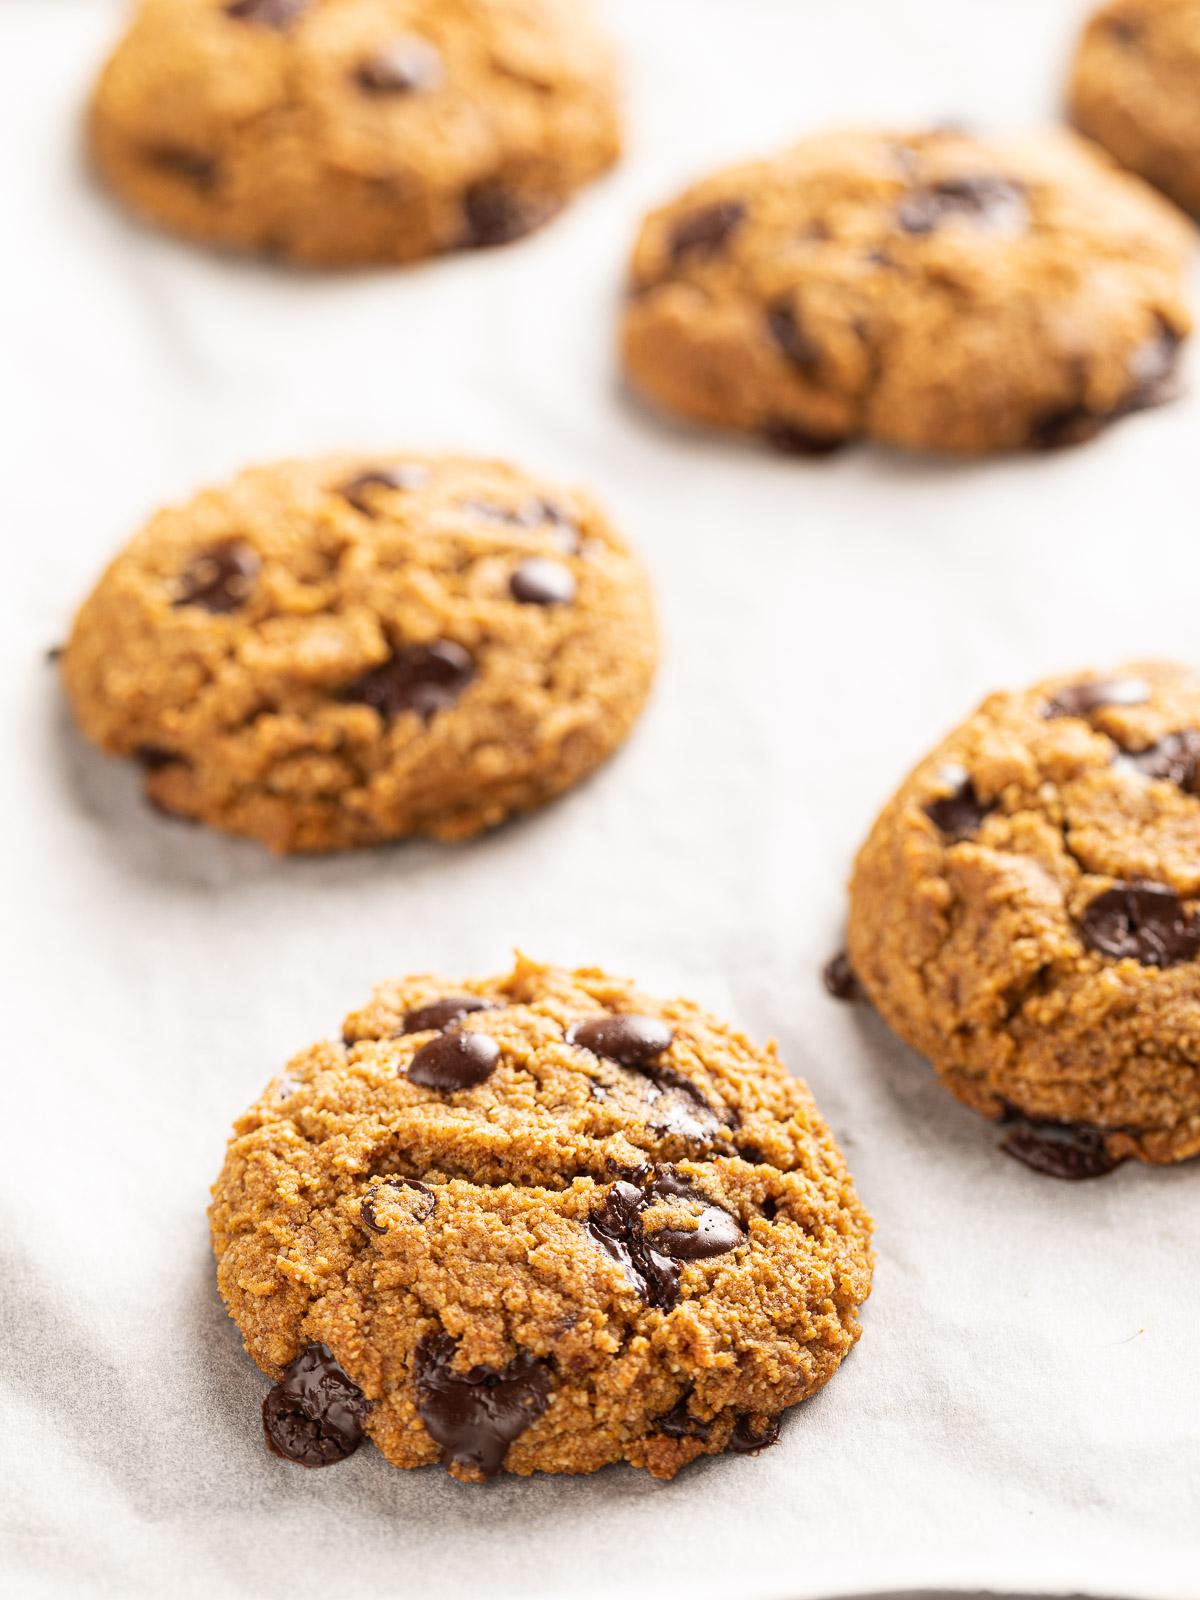 how to make gluten-free VEGAN CHOCOLATE CHIP PUMPKIN COOKIES recipe ricetta COOKIES VEGANI SENZA GLUTINE alla ZUCCA e ciocolato biscotti al cioccolato senza uova senza burro